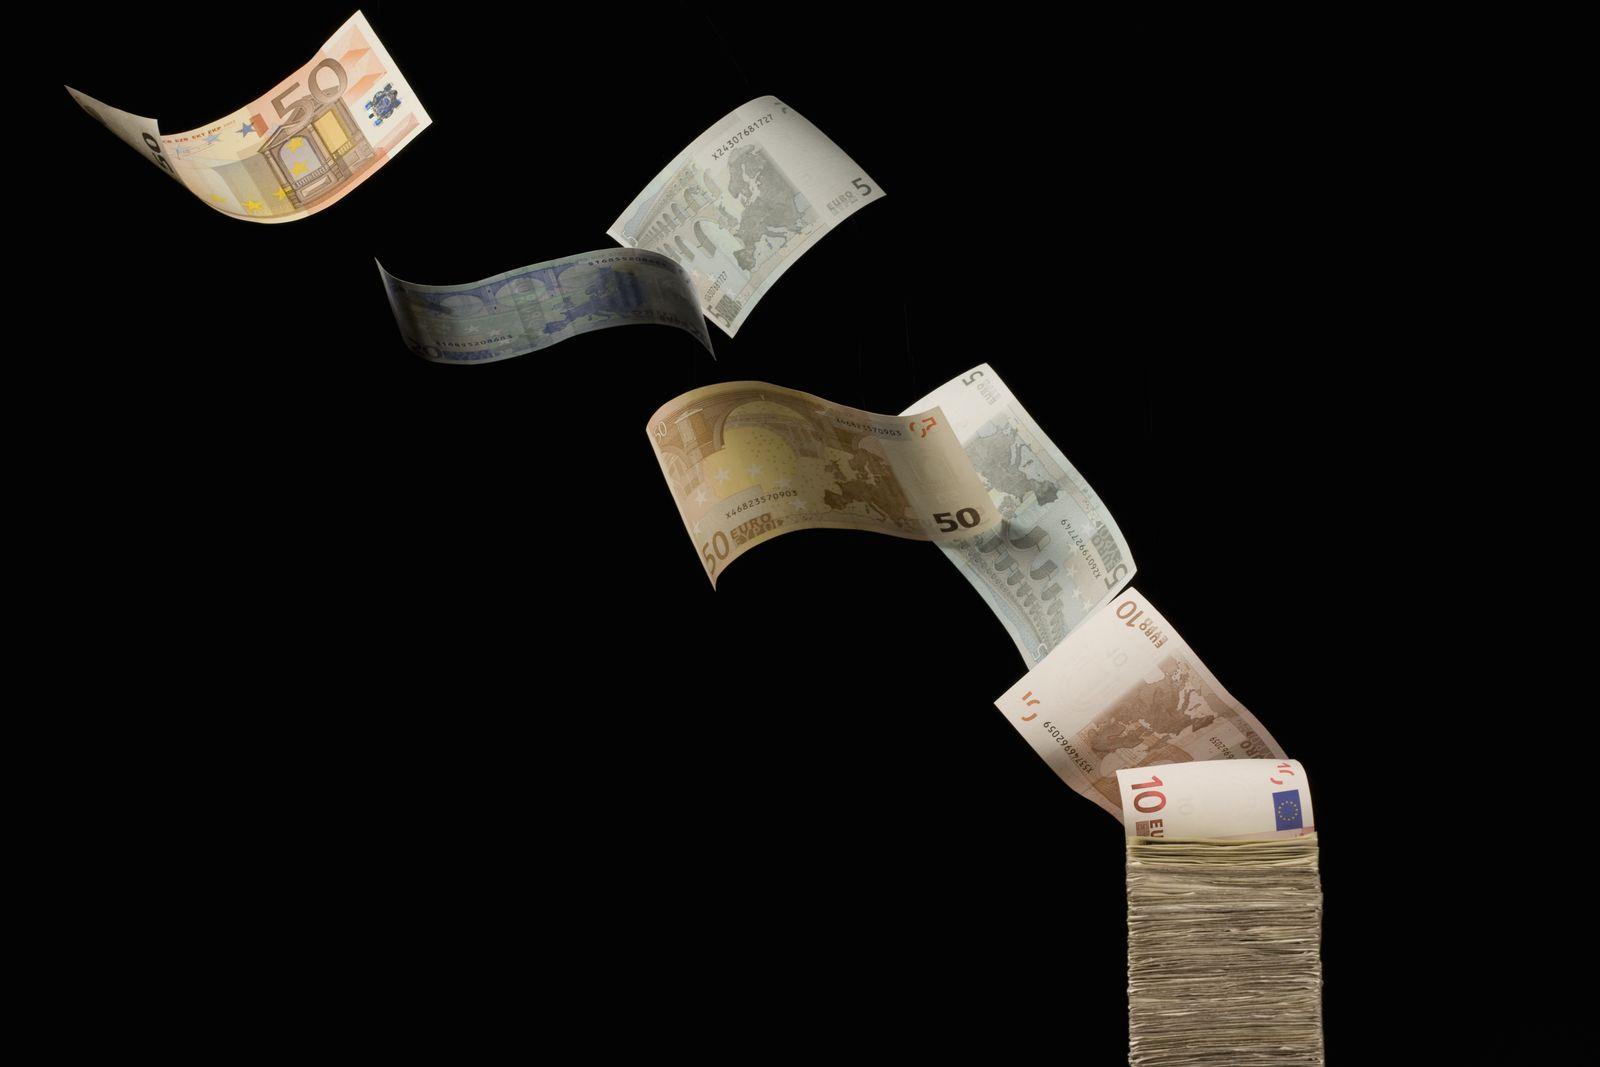 NICHT MEHR VERWENDEN! - Geld / Geldstapel / wegfliegen /